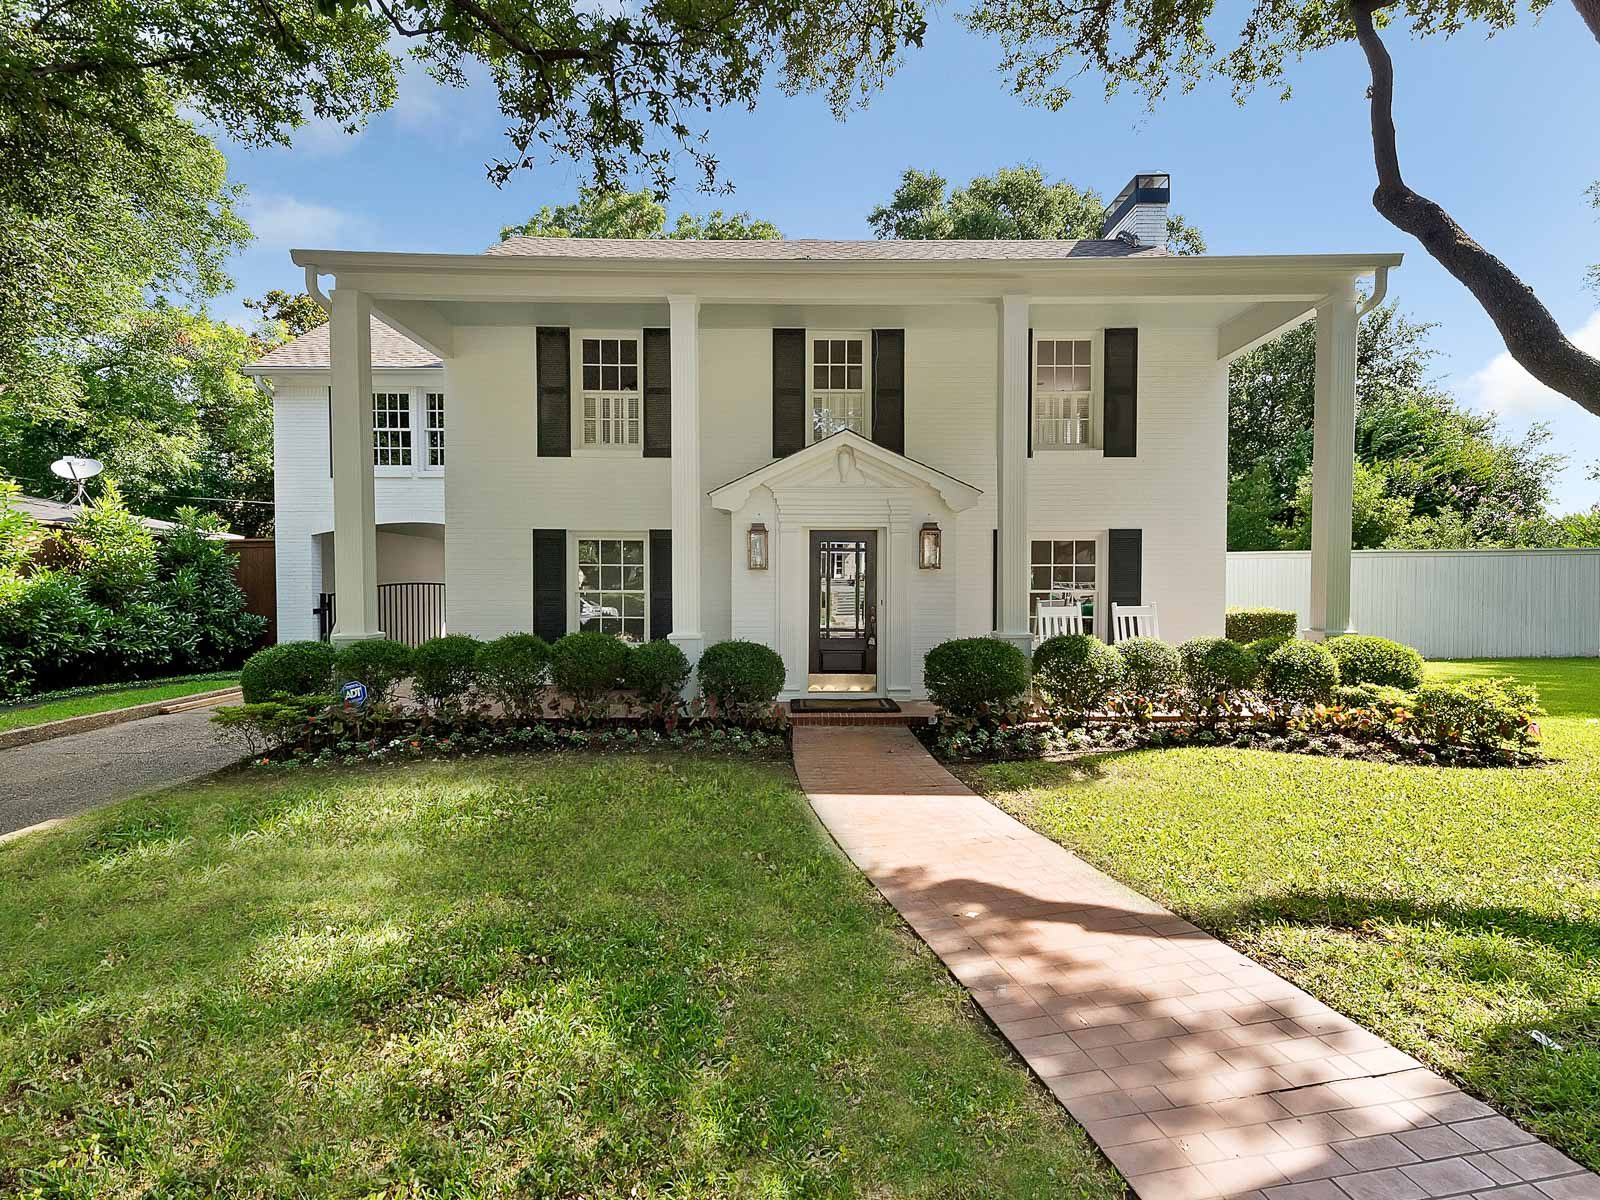 一戸建て のために 売買 アット 3720 Hamilton Ave Fort Worth, テキサス 76107 アメリカ合衆国